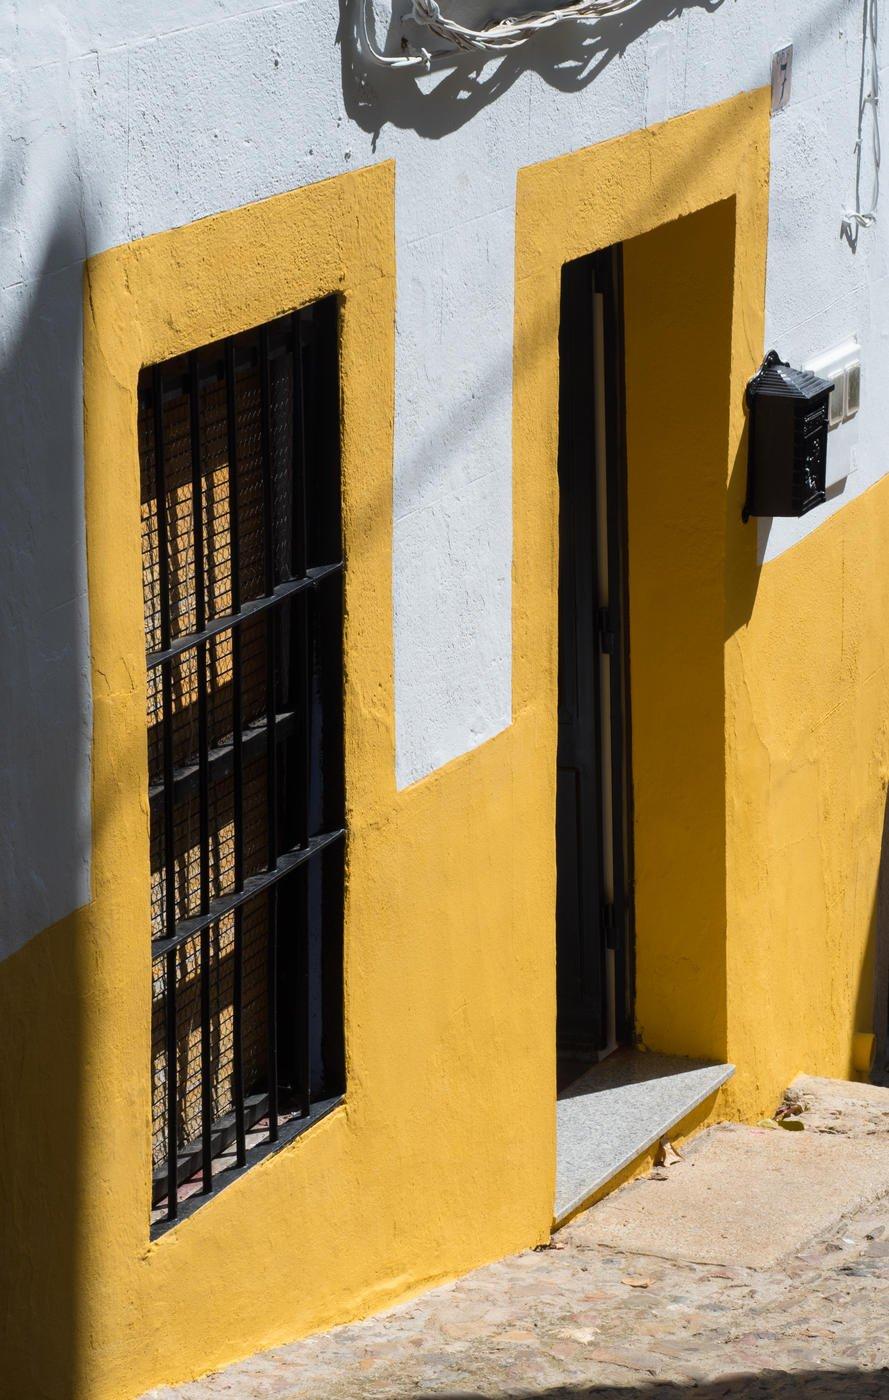 Atracción amarilla. (Luis Montalbán Pozas)